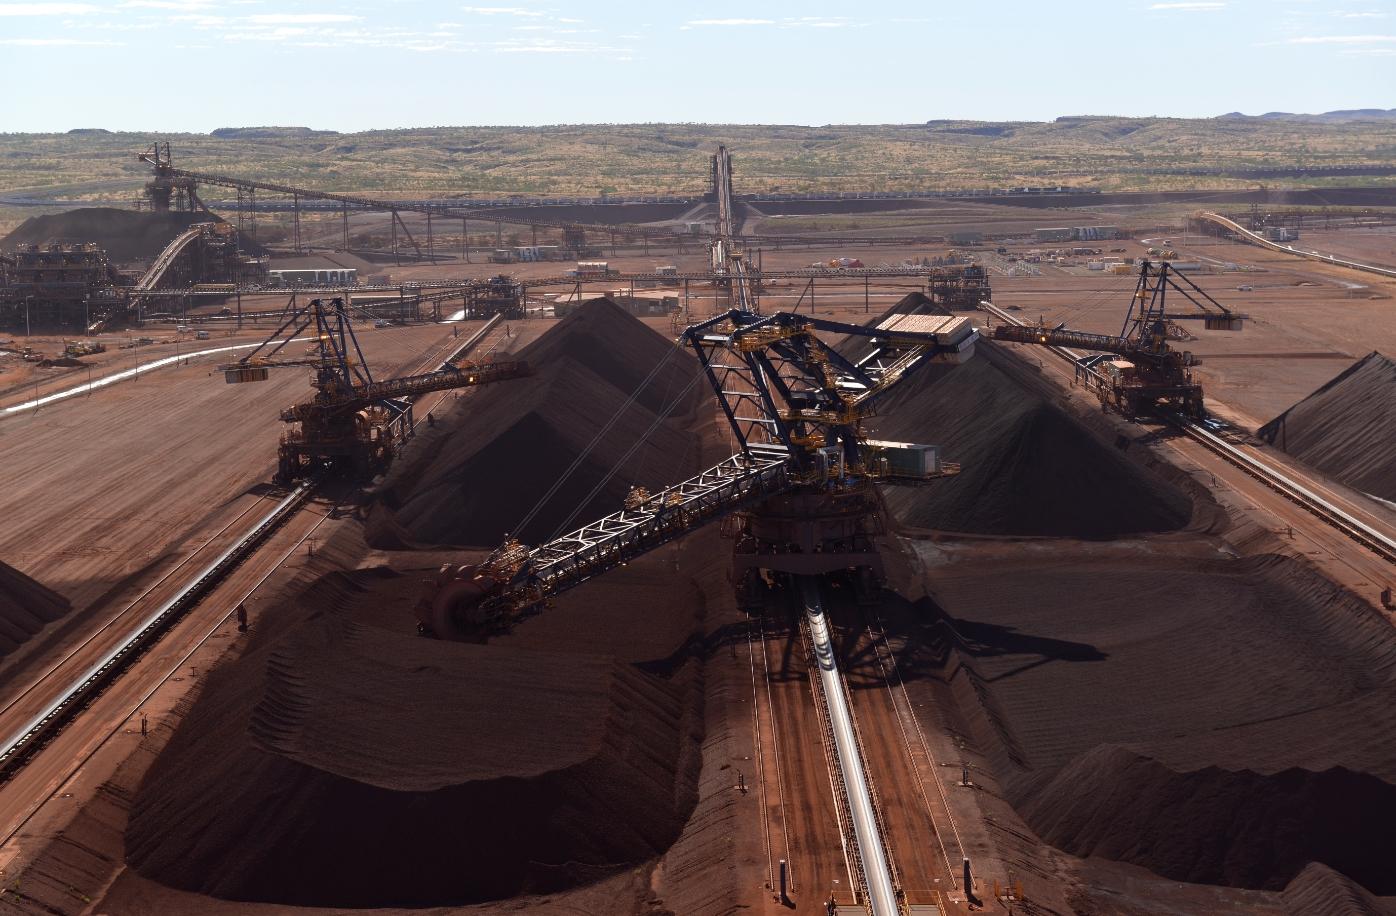 로이힐 광산 철광석 야드의 채굴 현장 전경. 로이힐 광산은 연산 5,500만톤을 생산할 수 있는 체제를 완성했다.